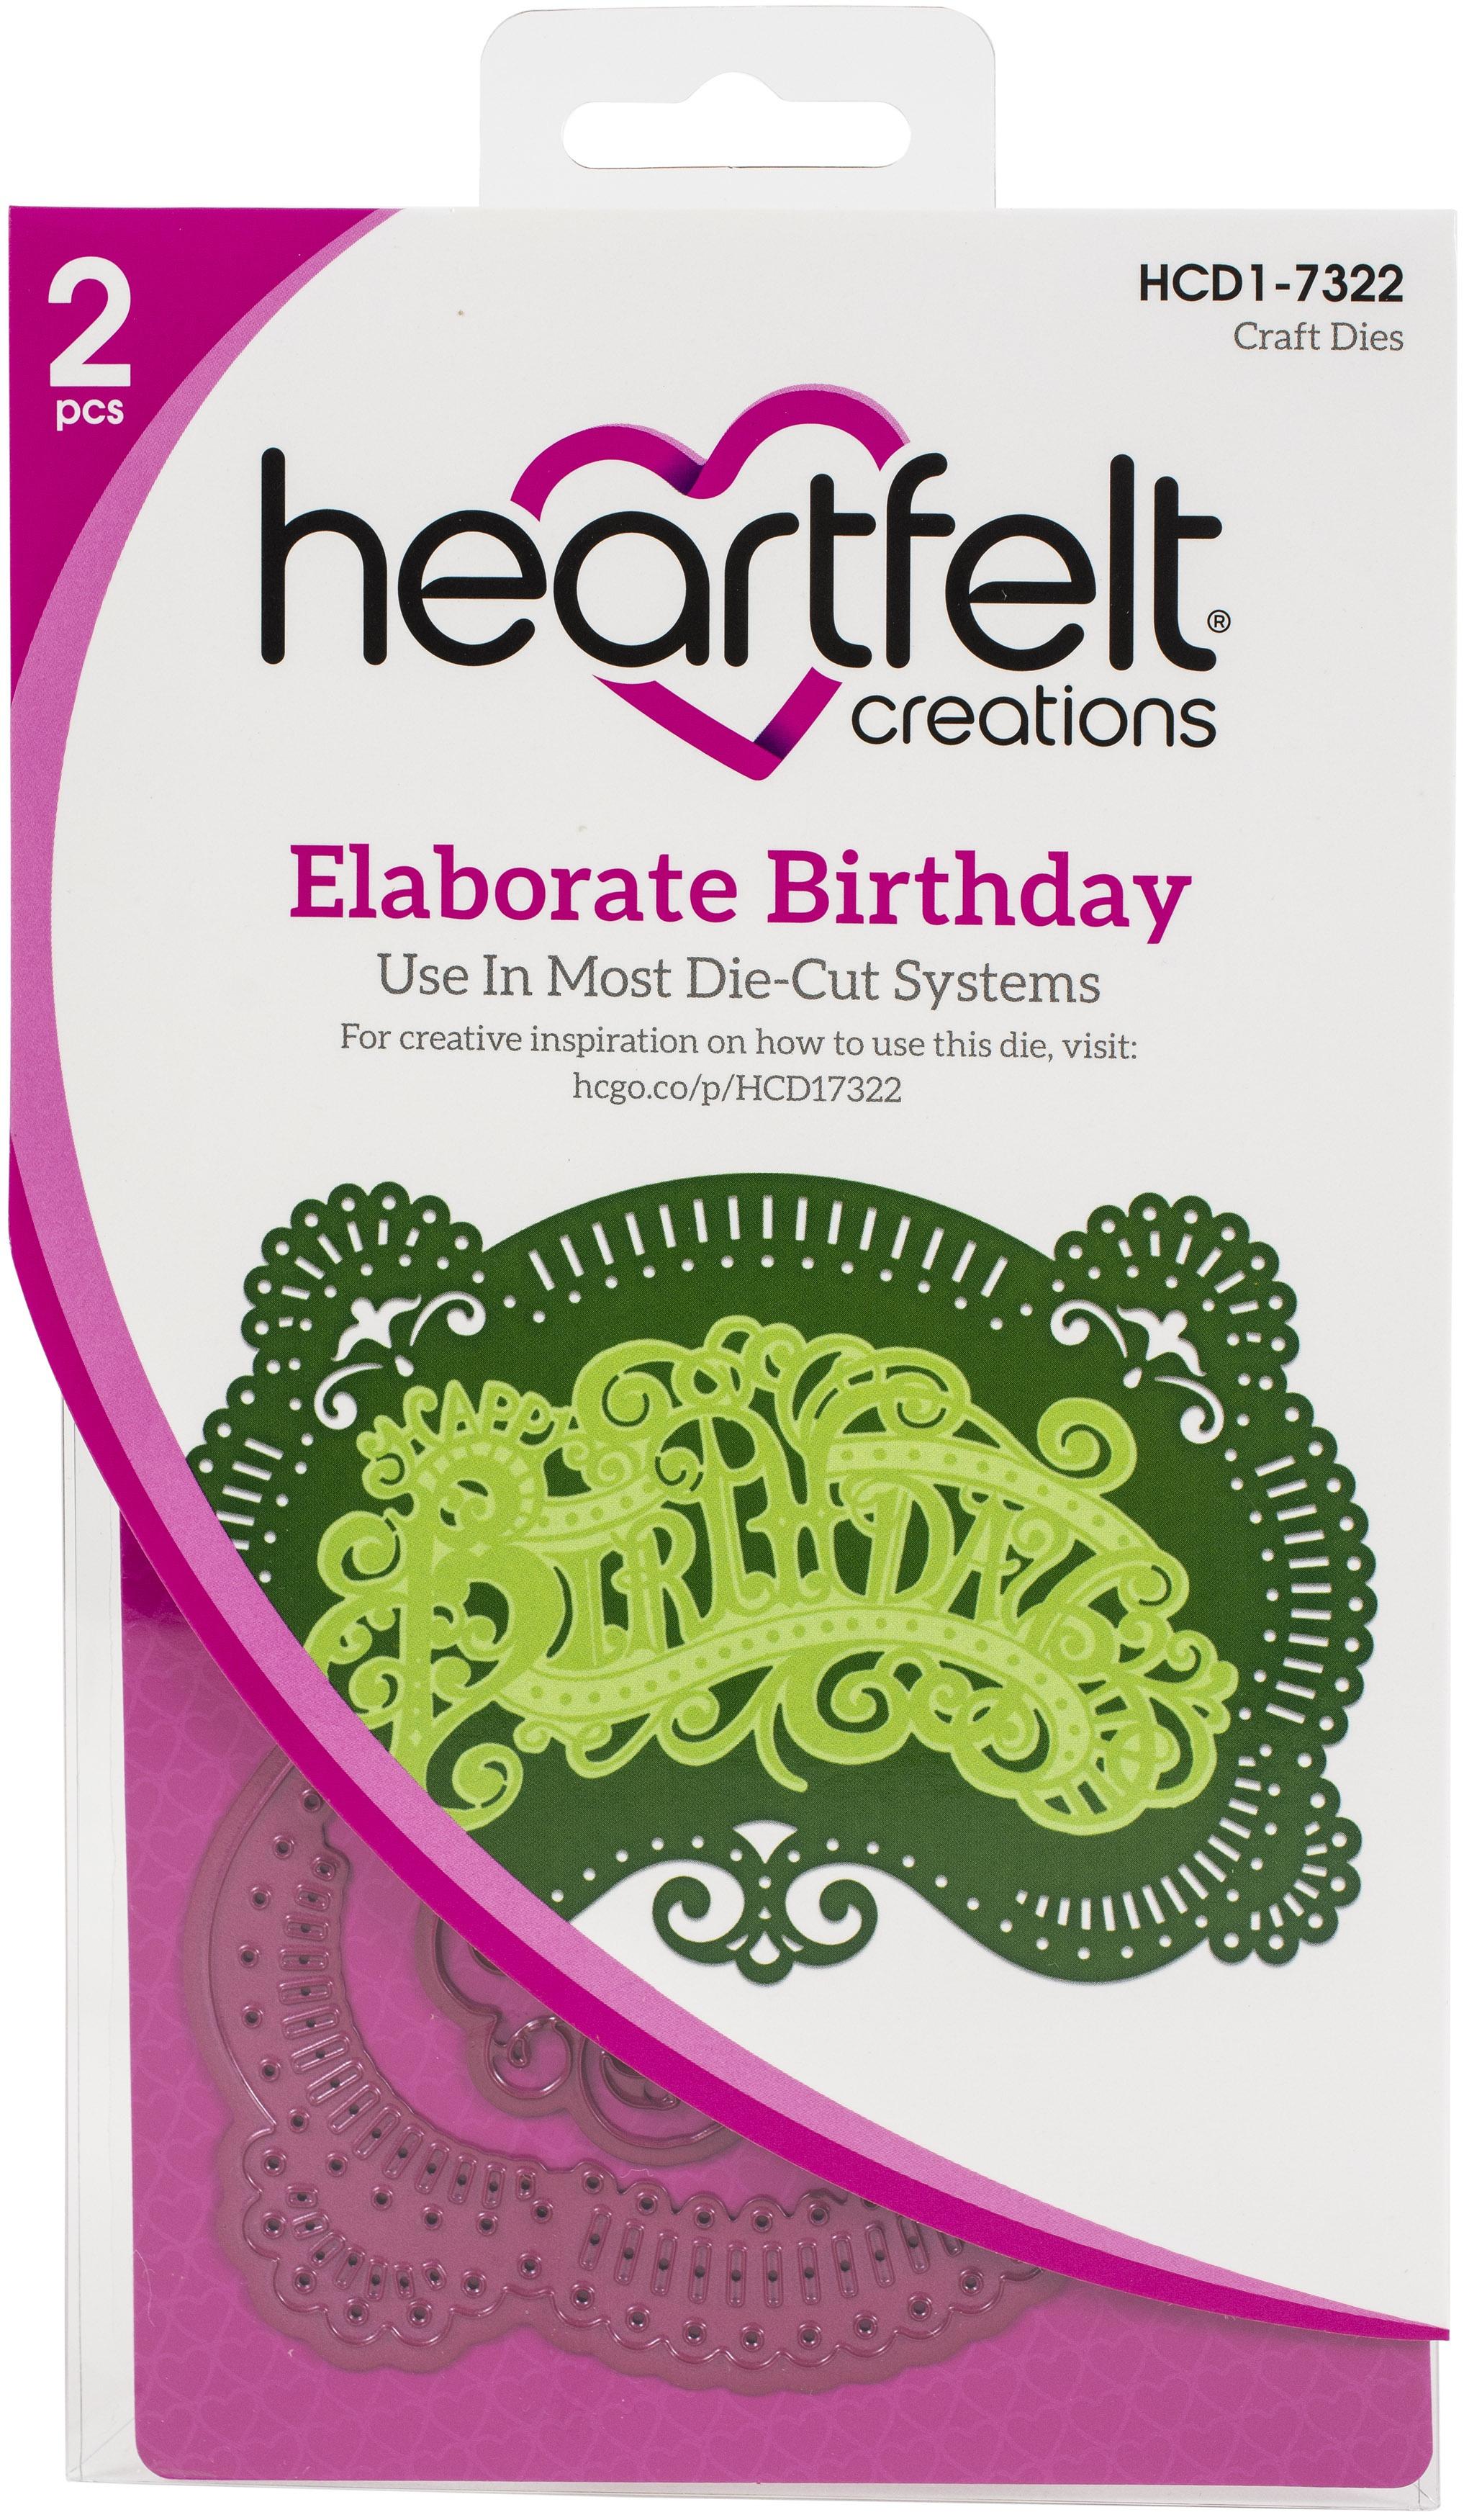 Elaborate Birthday Dies